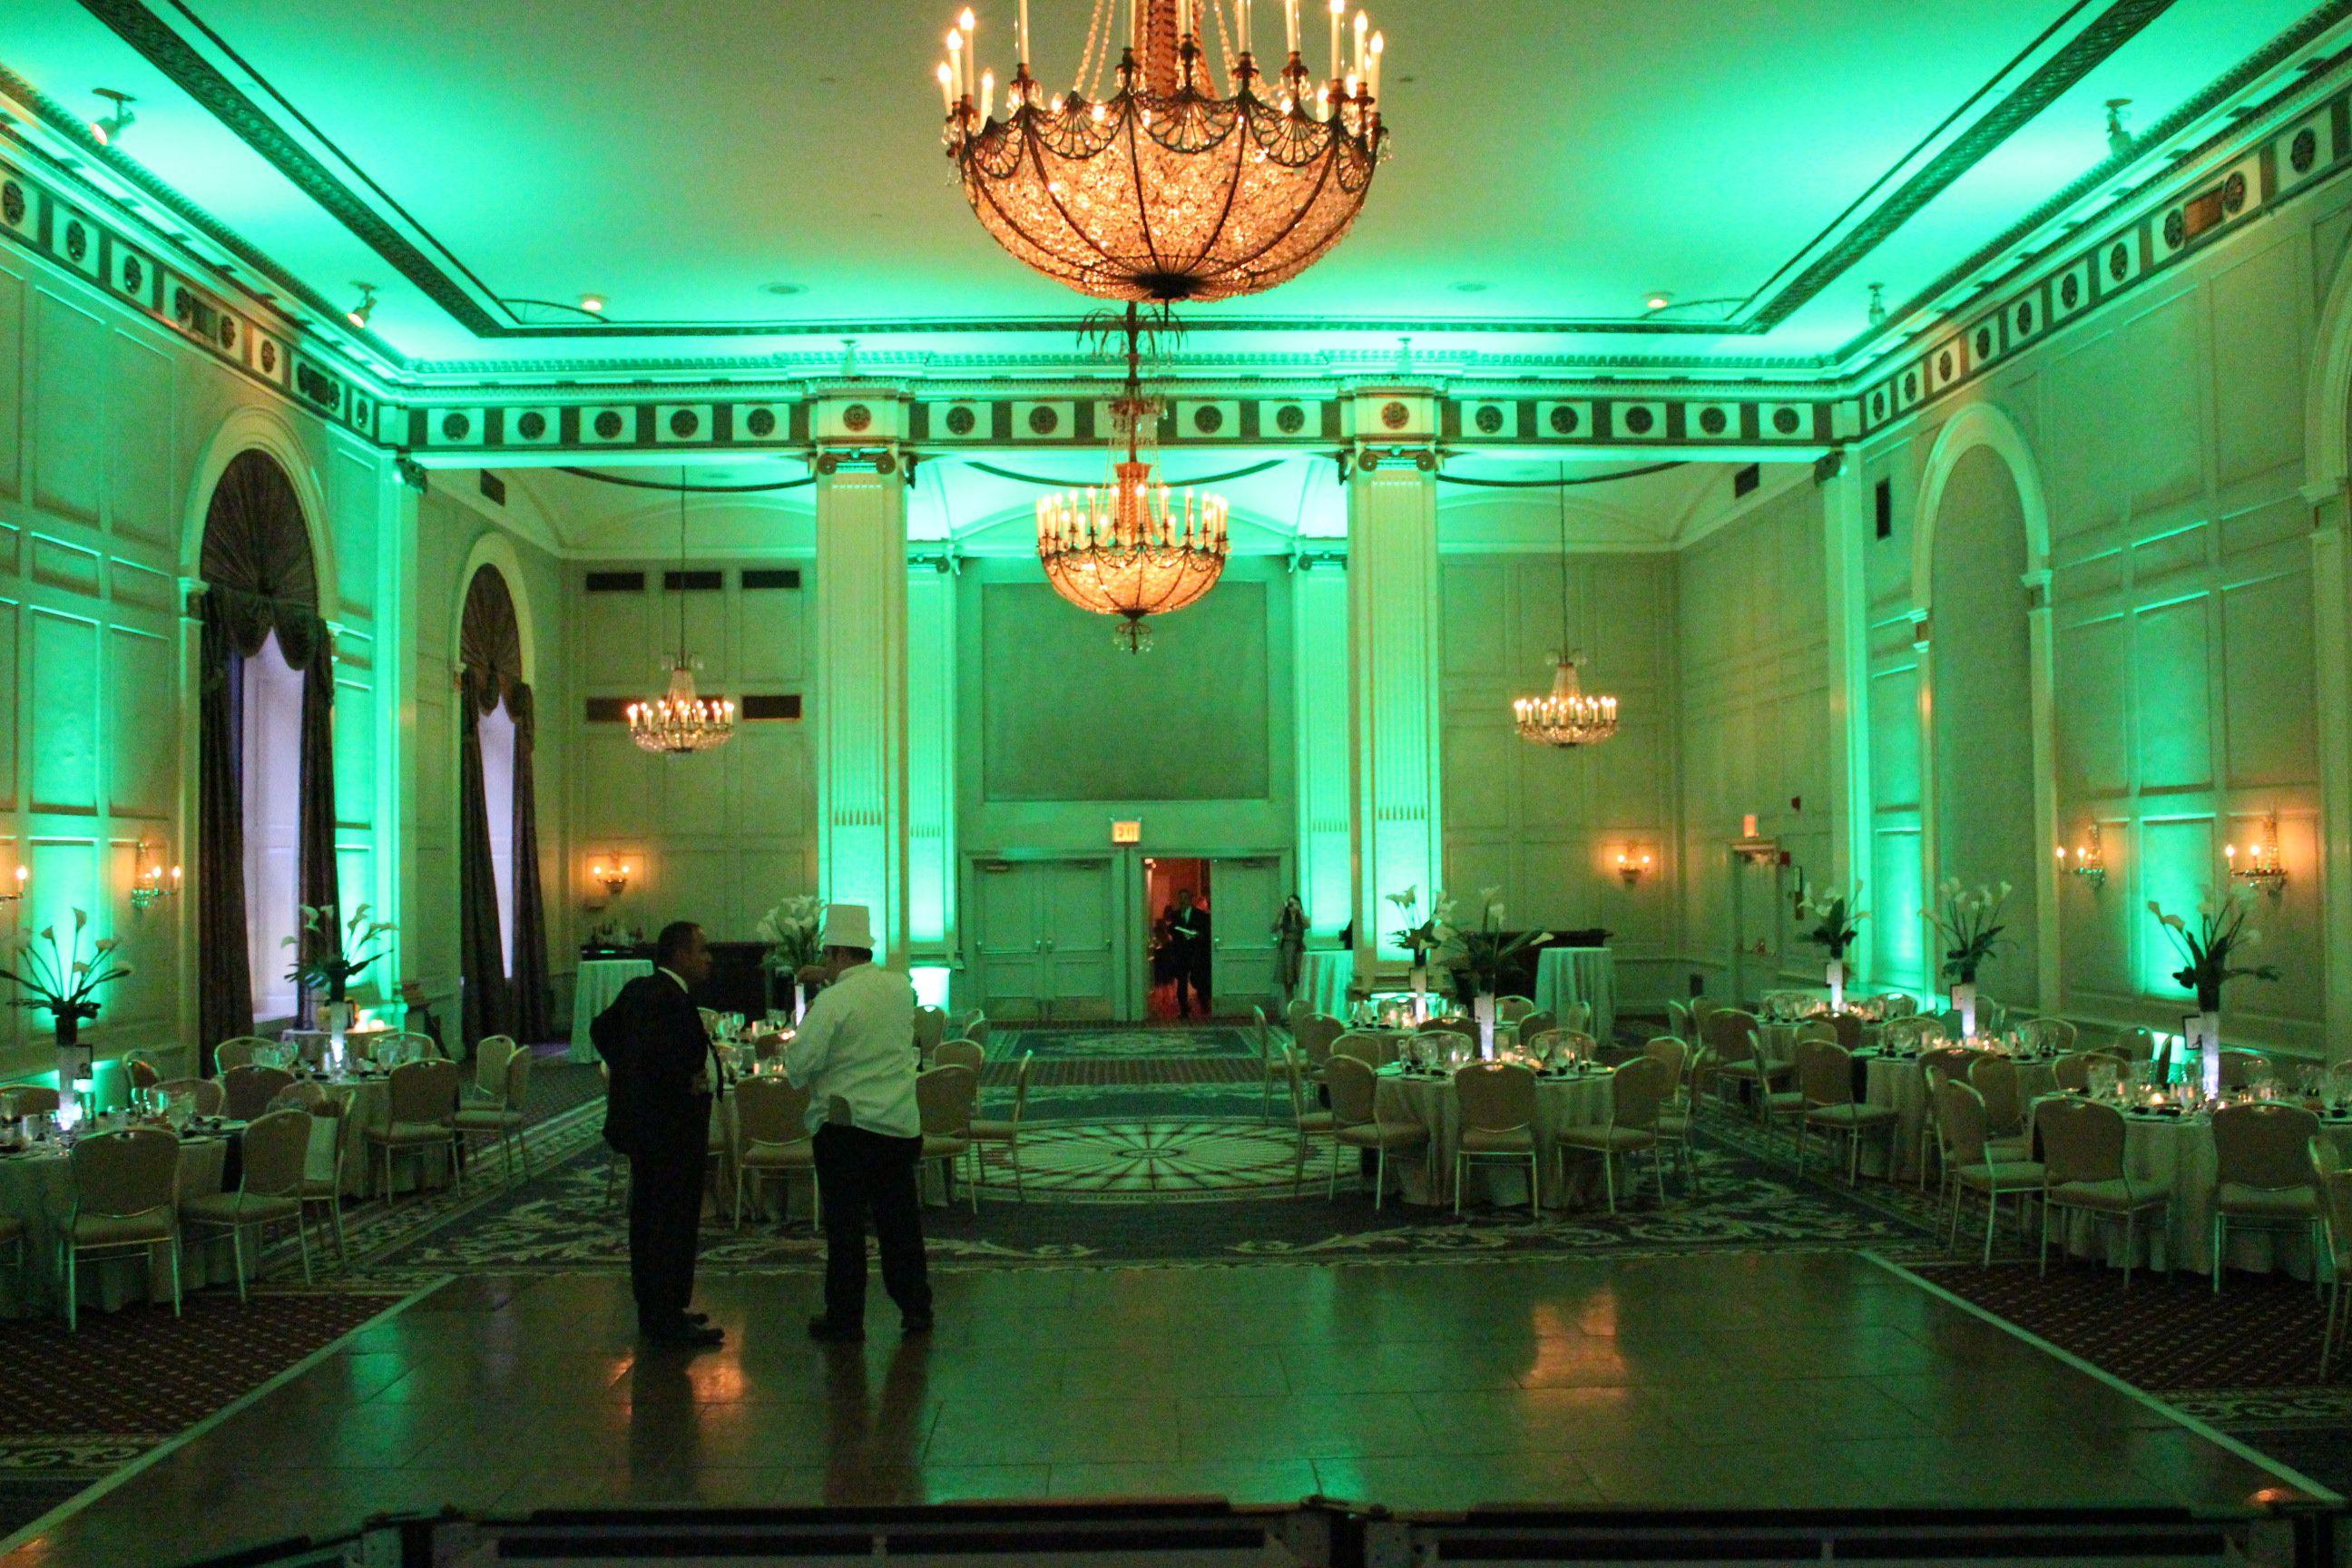 Green Uplighting Wedding Dj Setup Uplighting Wedding Uplighting